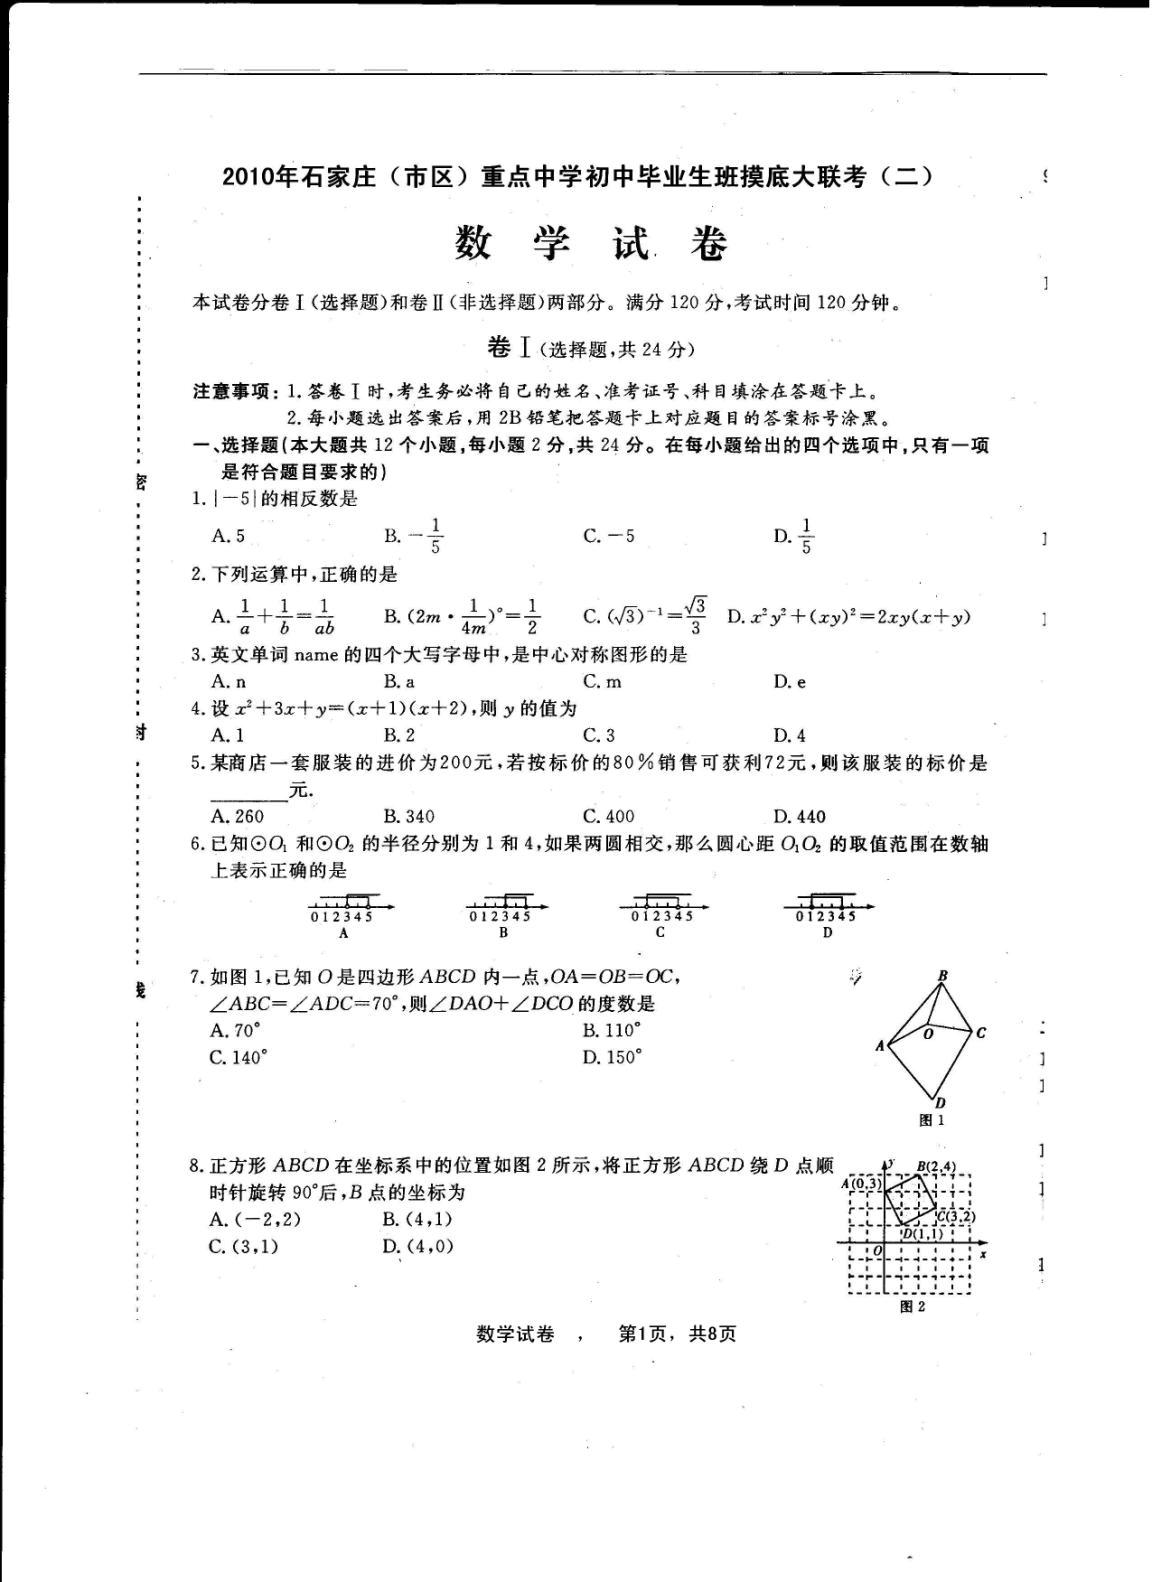 九年级数学下册摸底大联考测试题